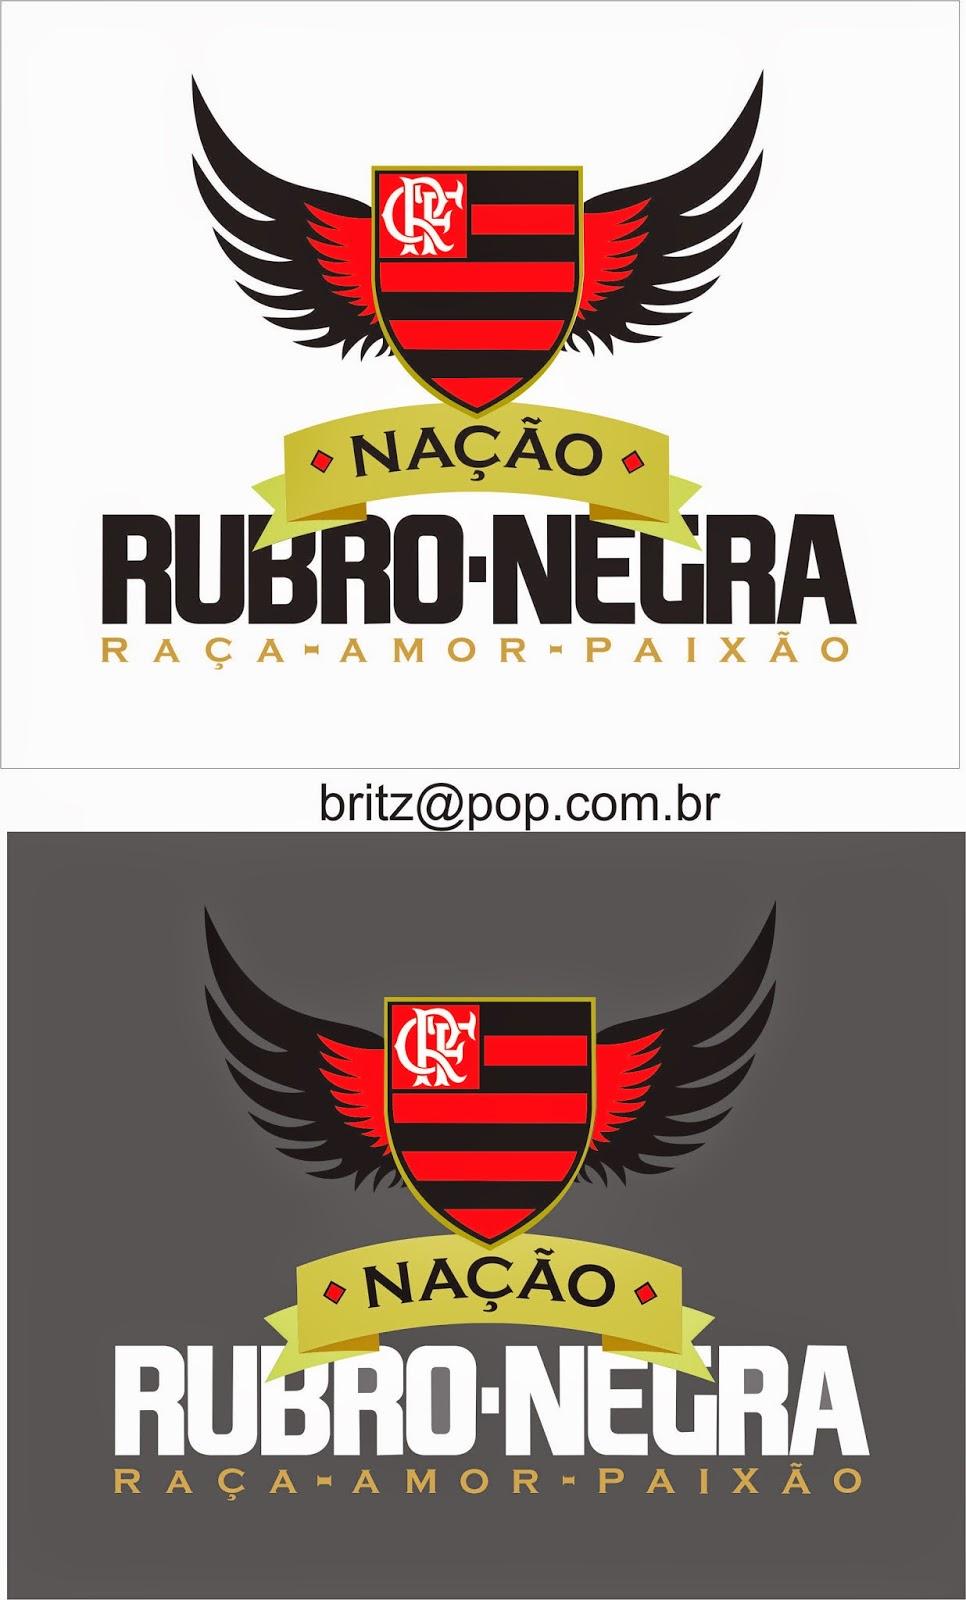 b1415e49d4 Vetor CDR Free  Nação Rubro Negra